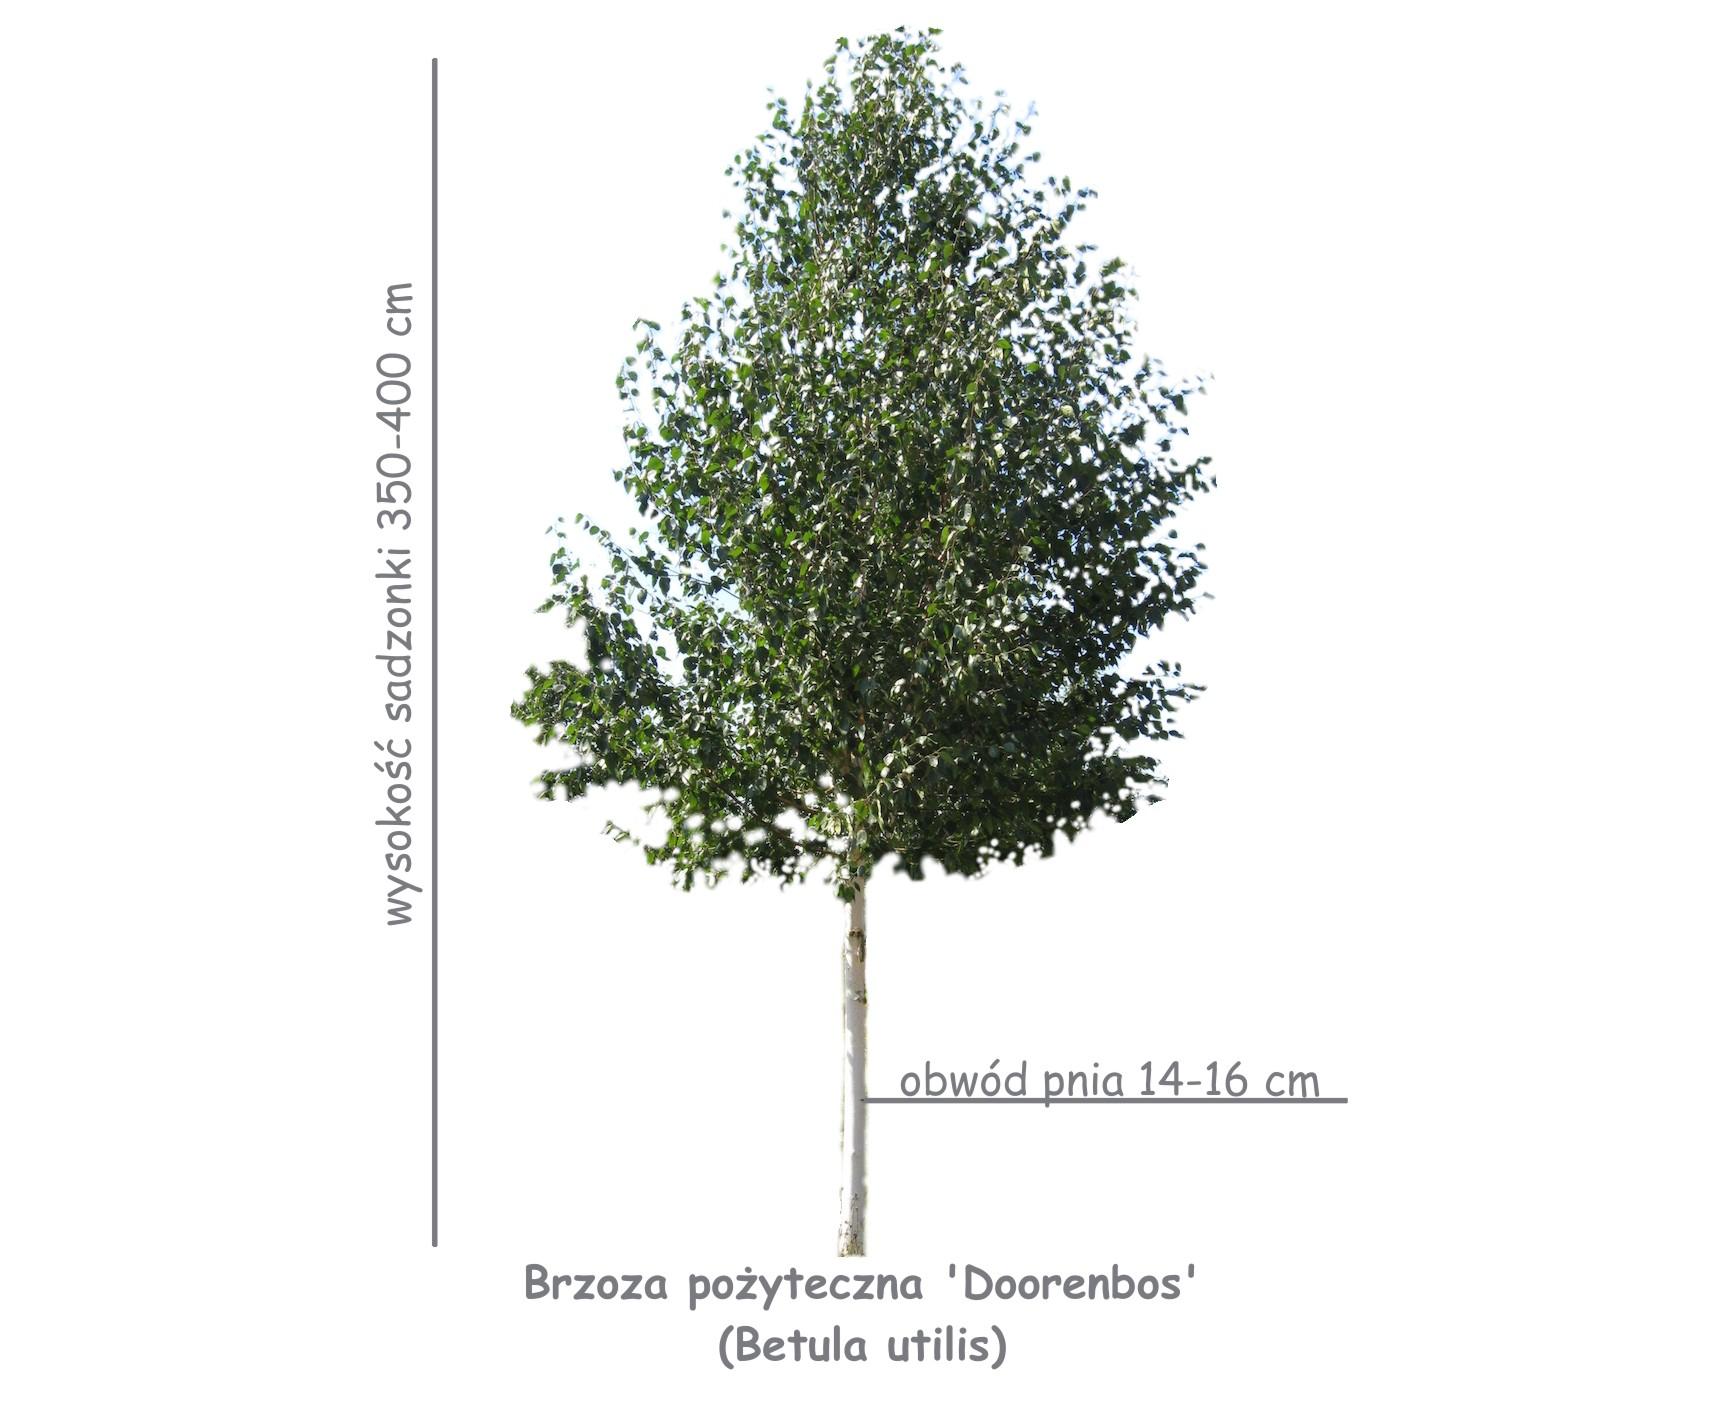 Brzoza pożyteczna 'Doorenbos' (Betula utilis) sadzonka o obwodzie 14-16 cm